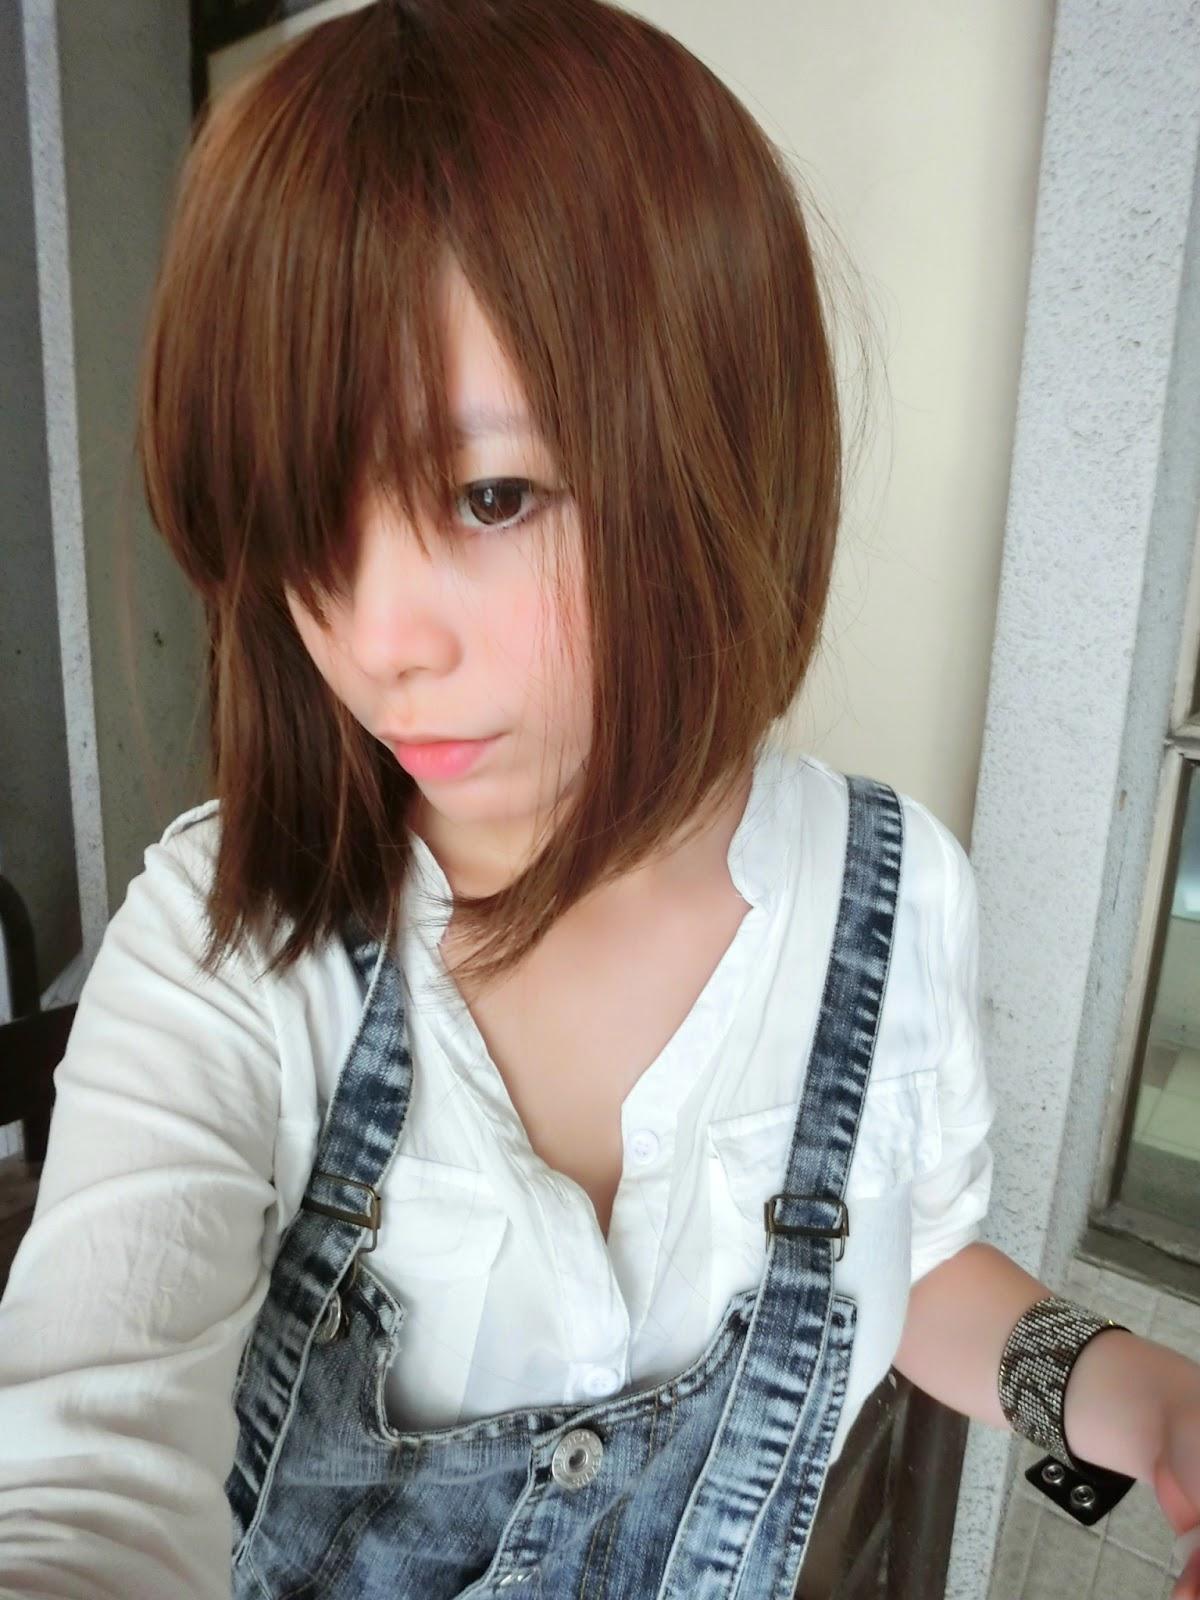 http://1.bp.blogspot.com/-qedOD2G3pN0/U5sl79kTmCI/AAAAAAAAPSE/H-1OoNfW5o0/s1600/IMG_1520+girlhairdo+BOB+WIG.JPG